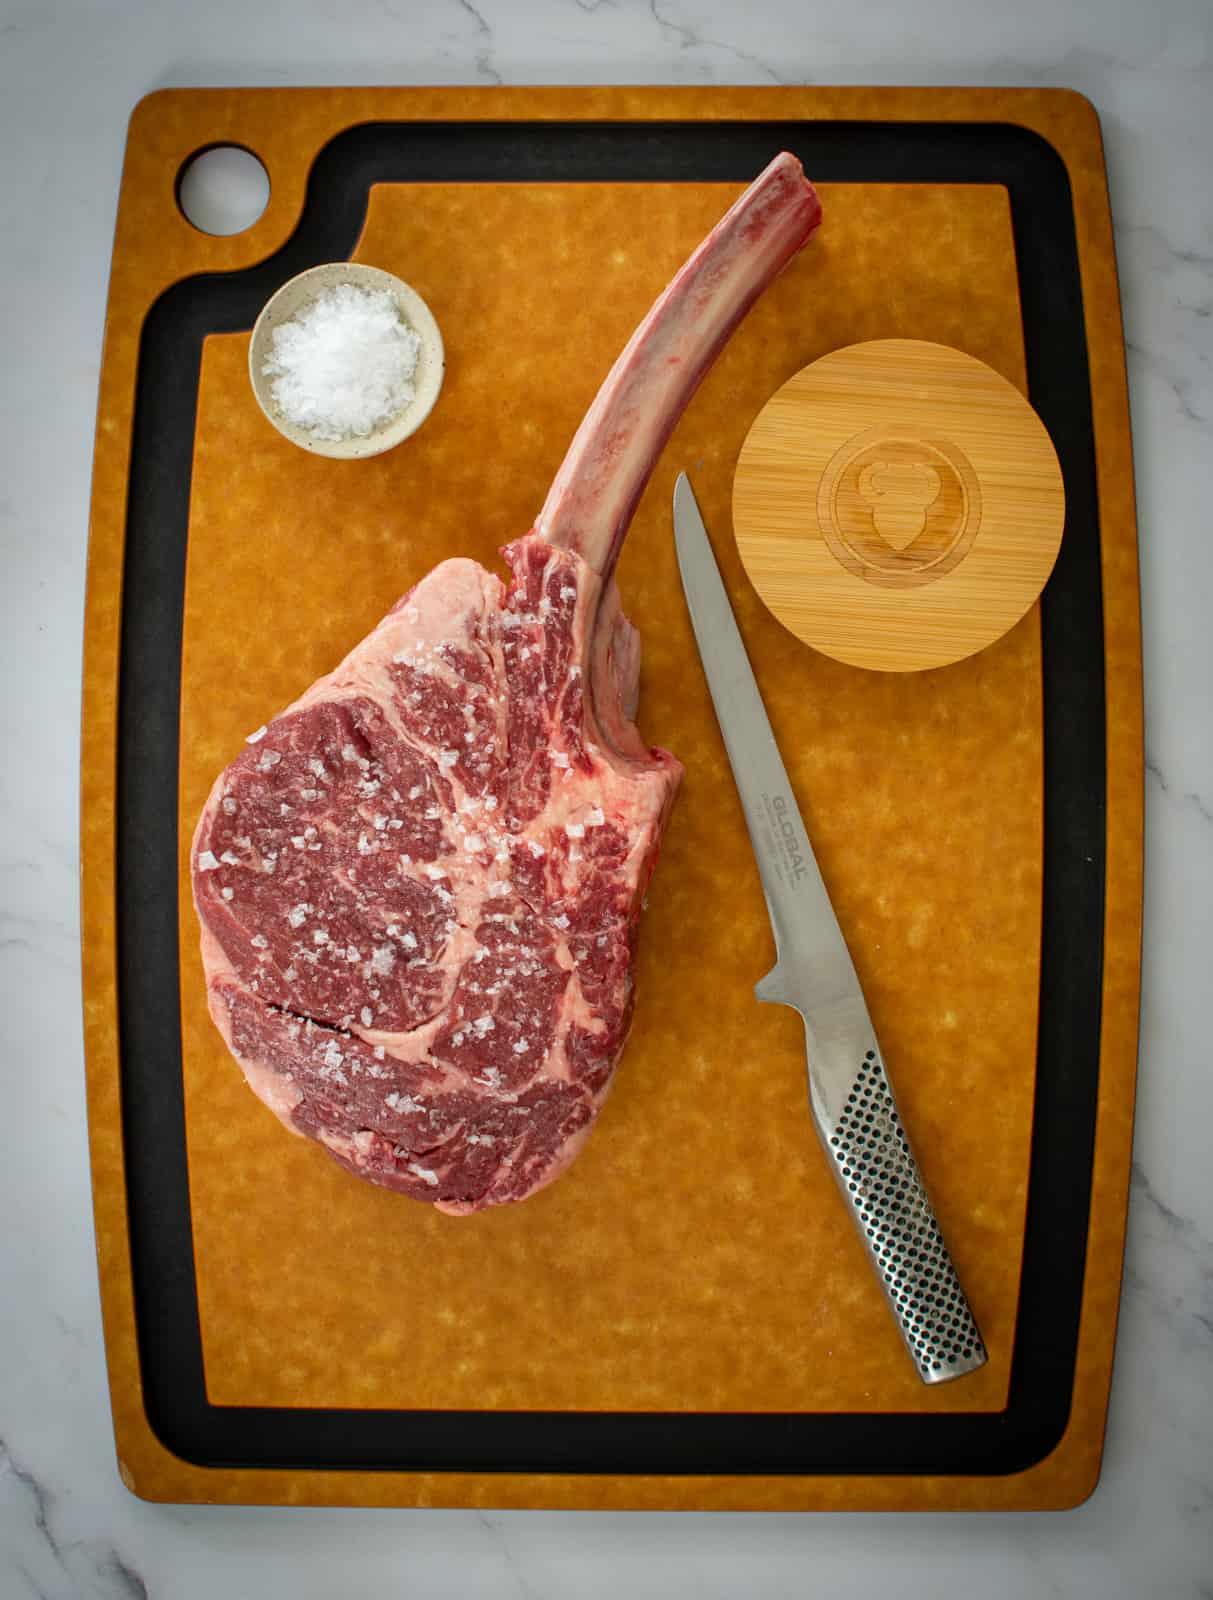 tomahawk steak, global knife and salt on chopping board